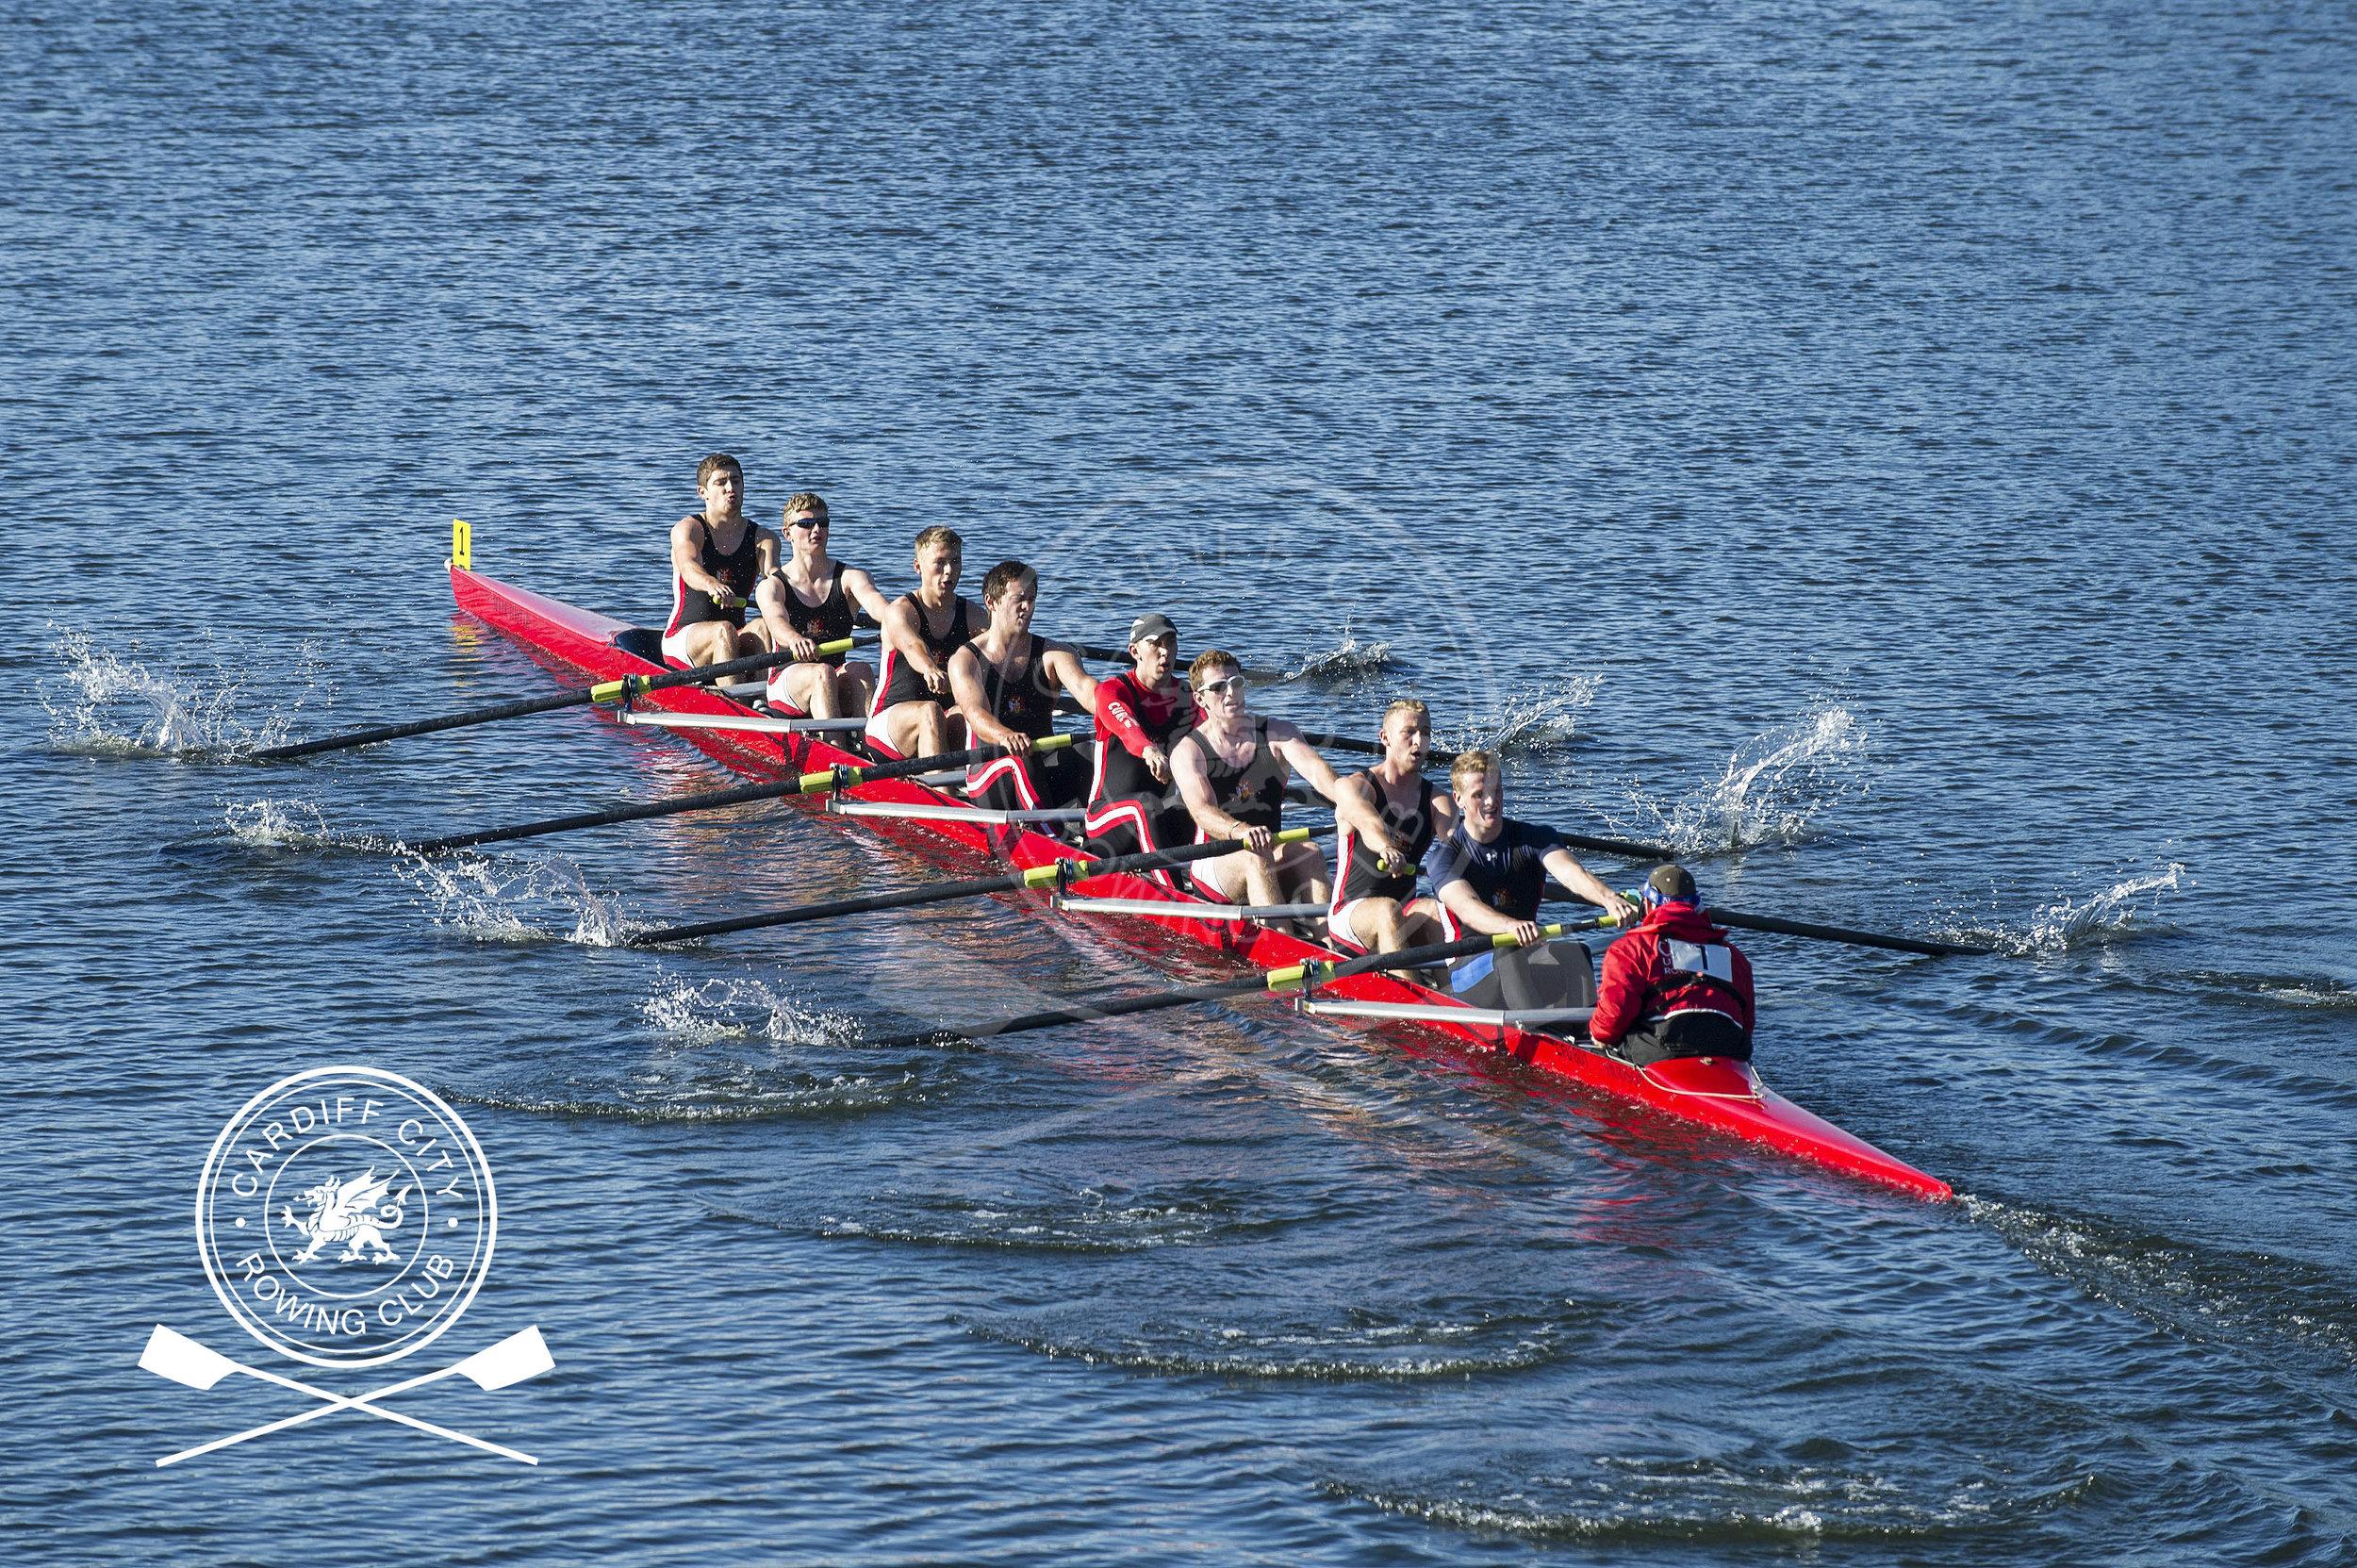 Cardiff_City_Head_Race_07.jpg